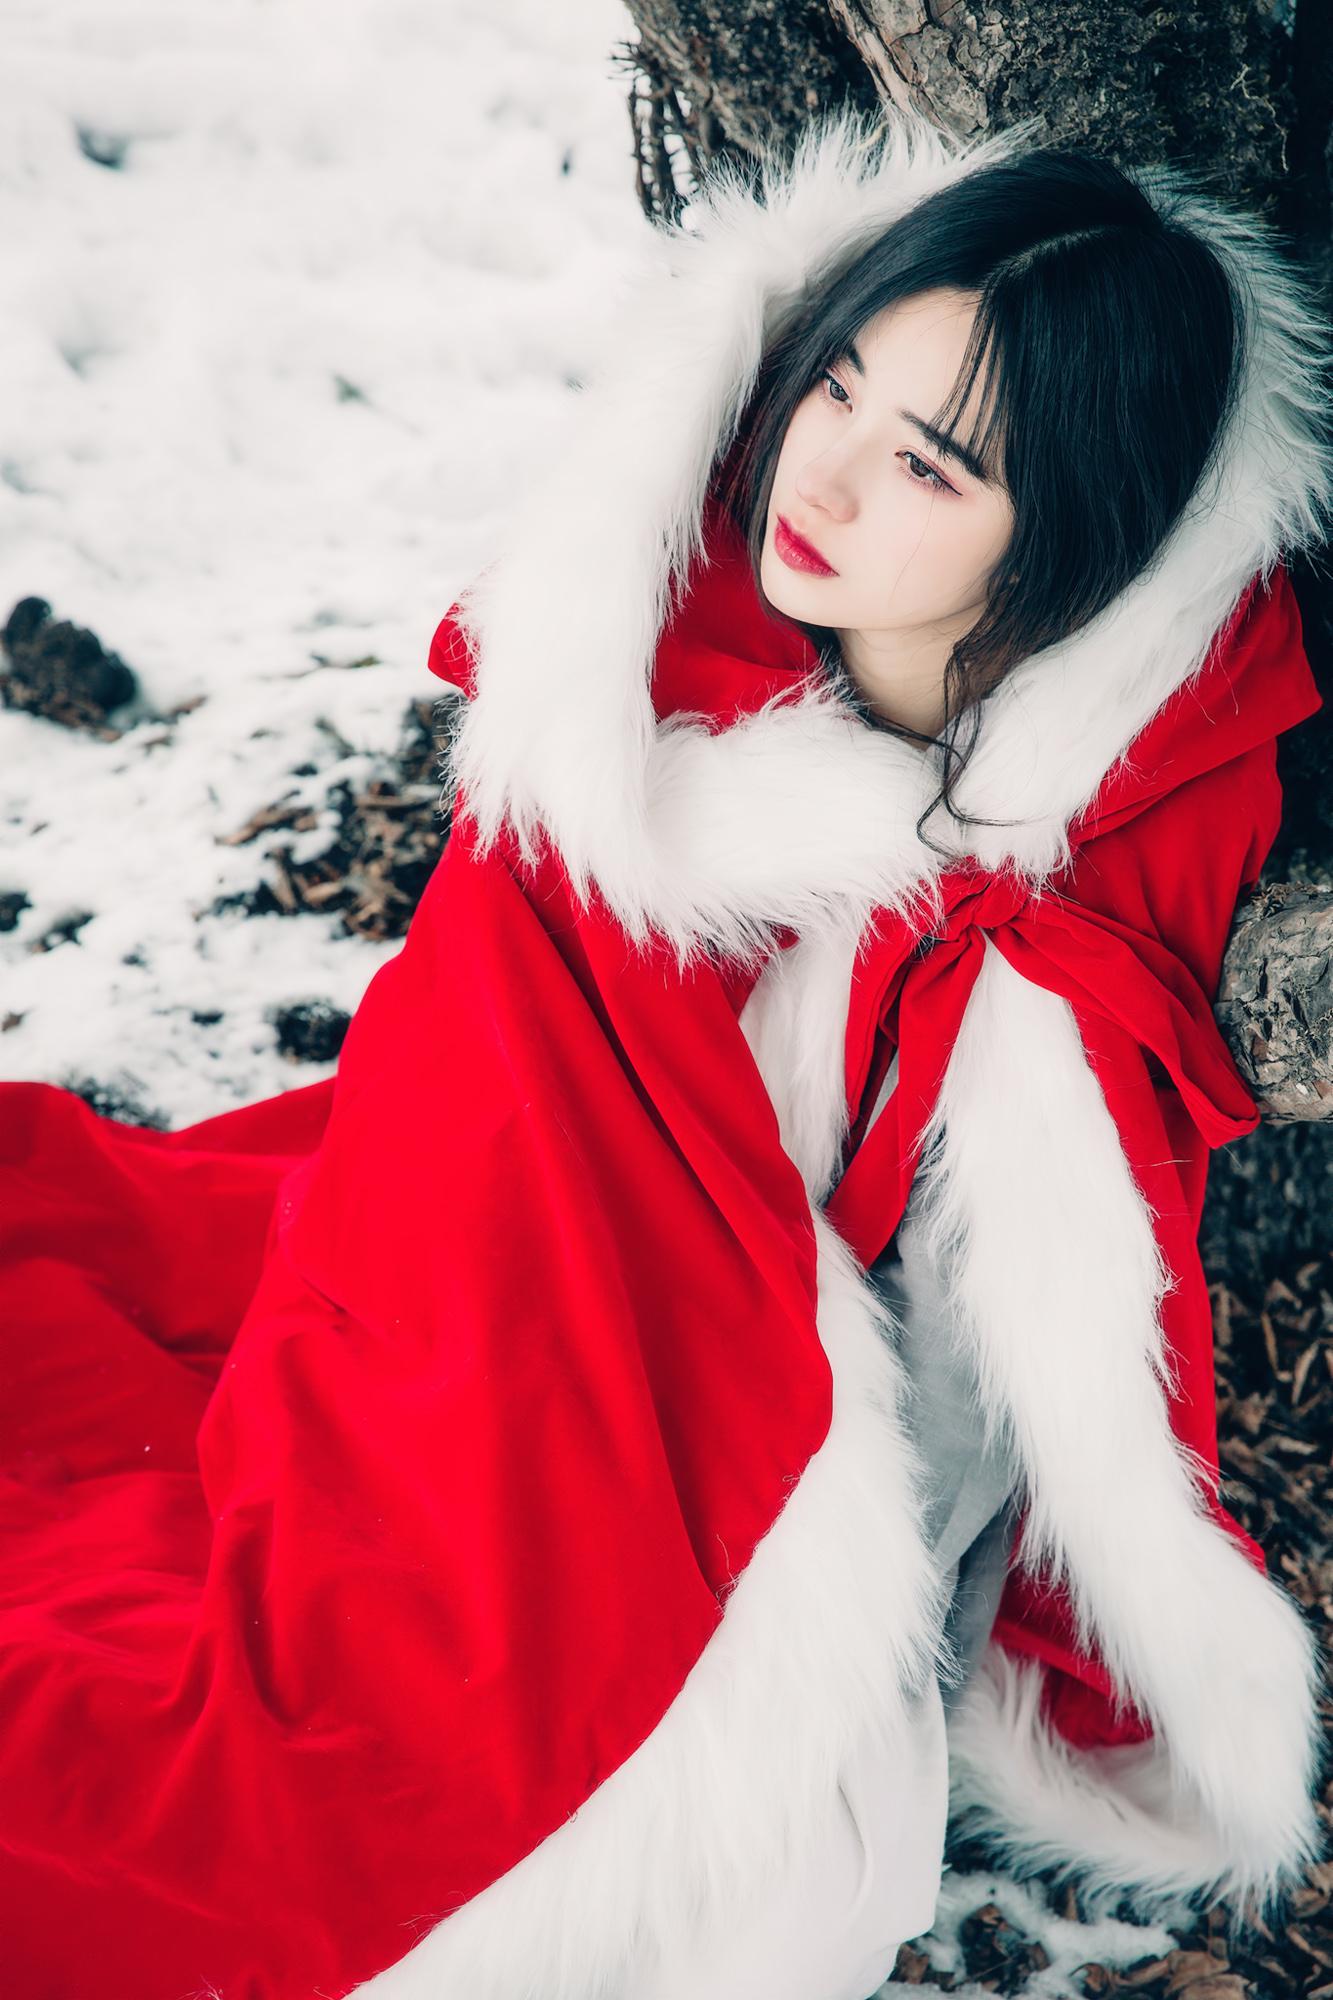 星魂葬尽心如许【情感美文】  -  水墨凝烟 - 花仙子的博客 .